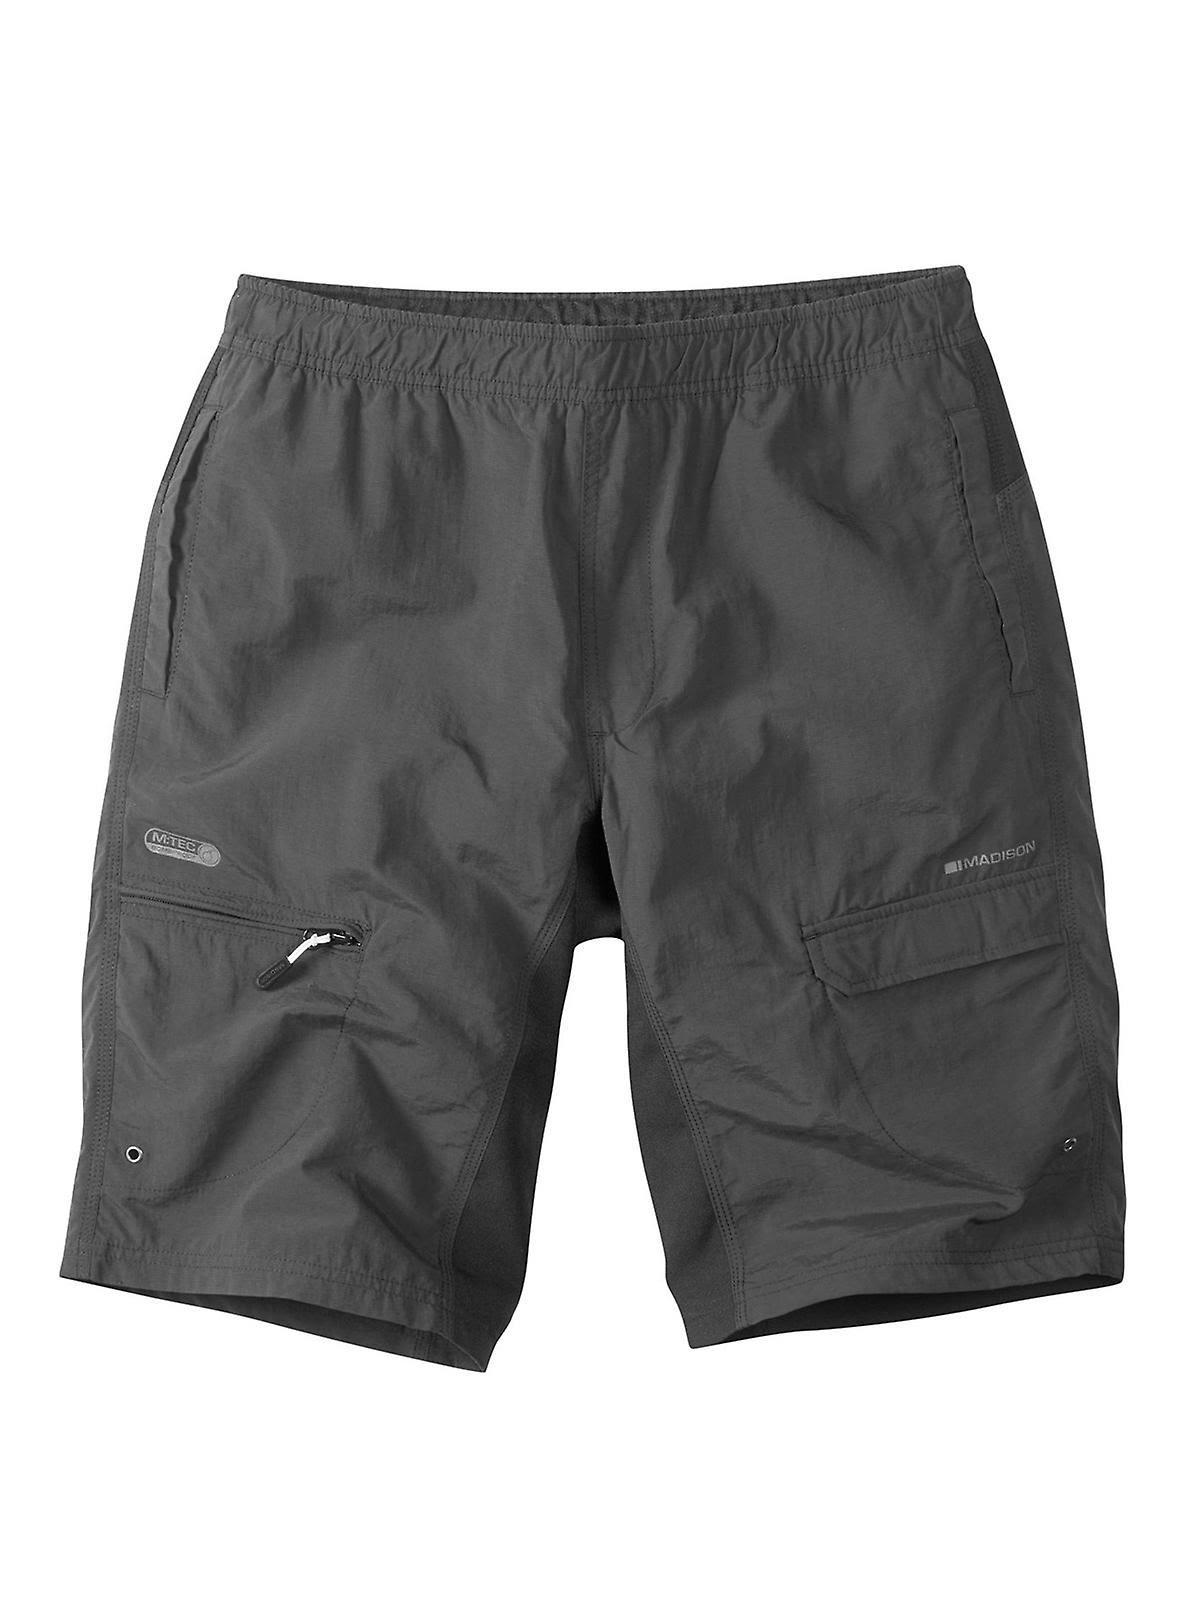 Madison Freewheel Mens Shorts - Black